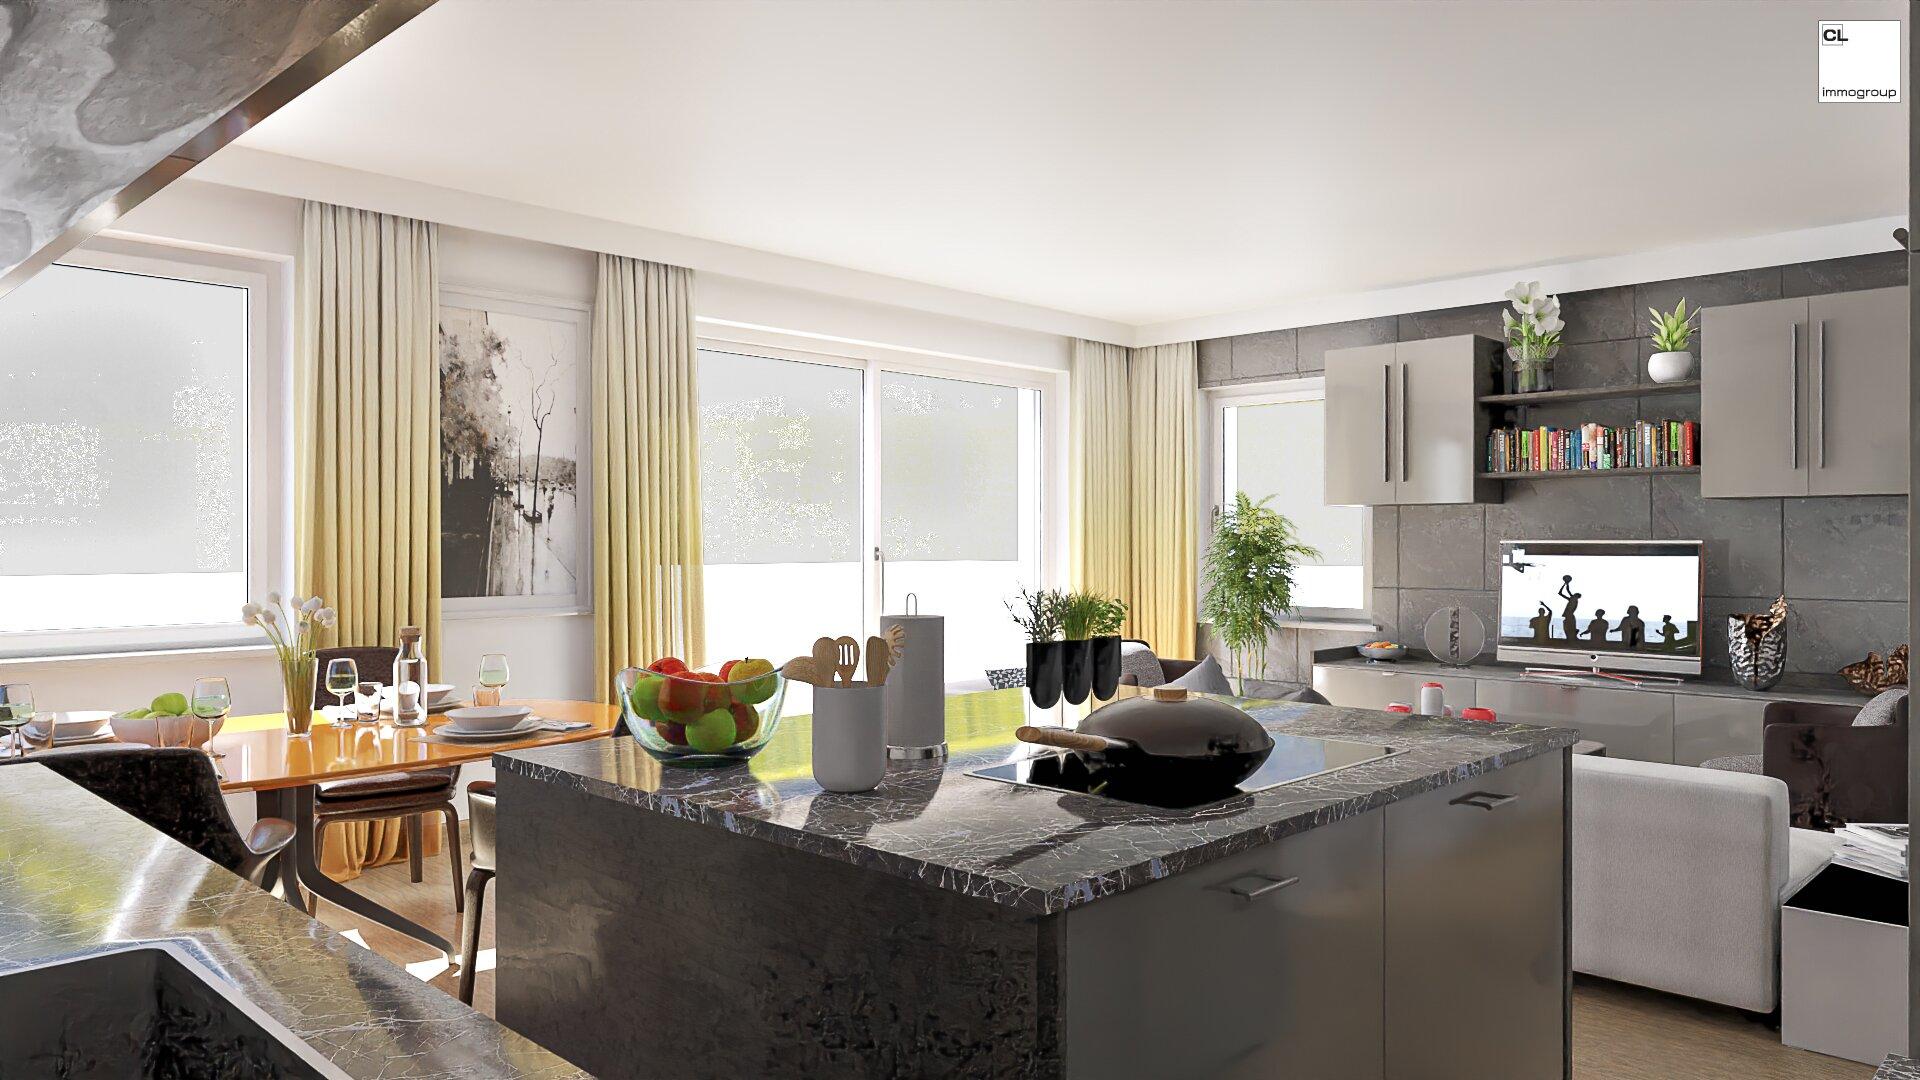 Wohnzimmer (Visualisierung)